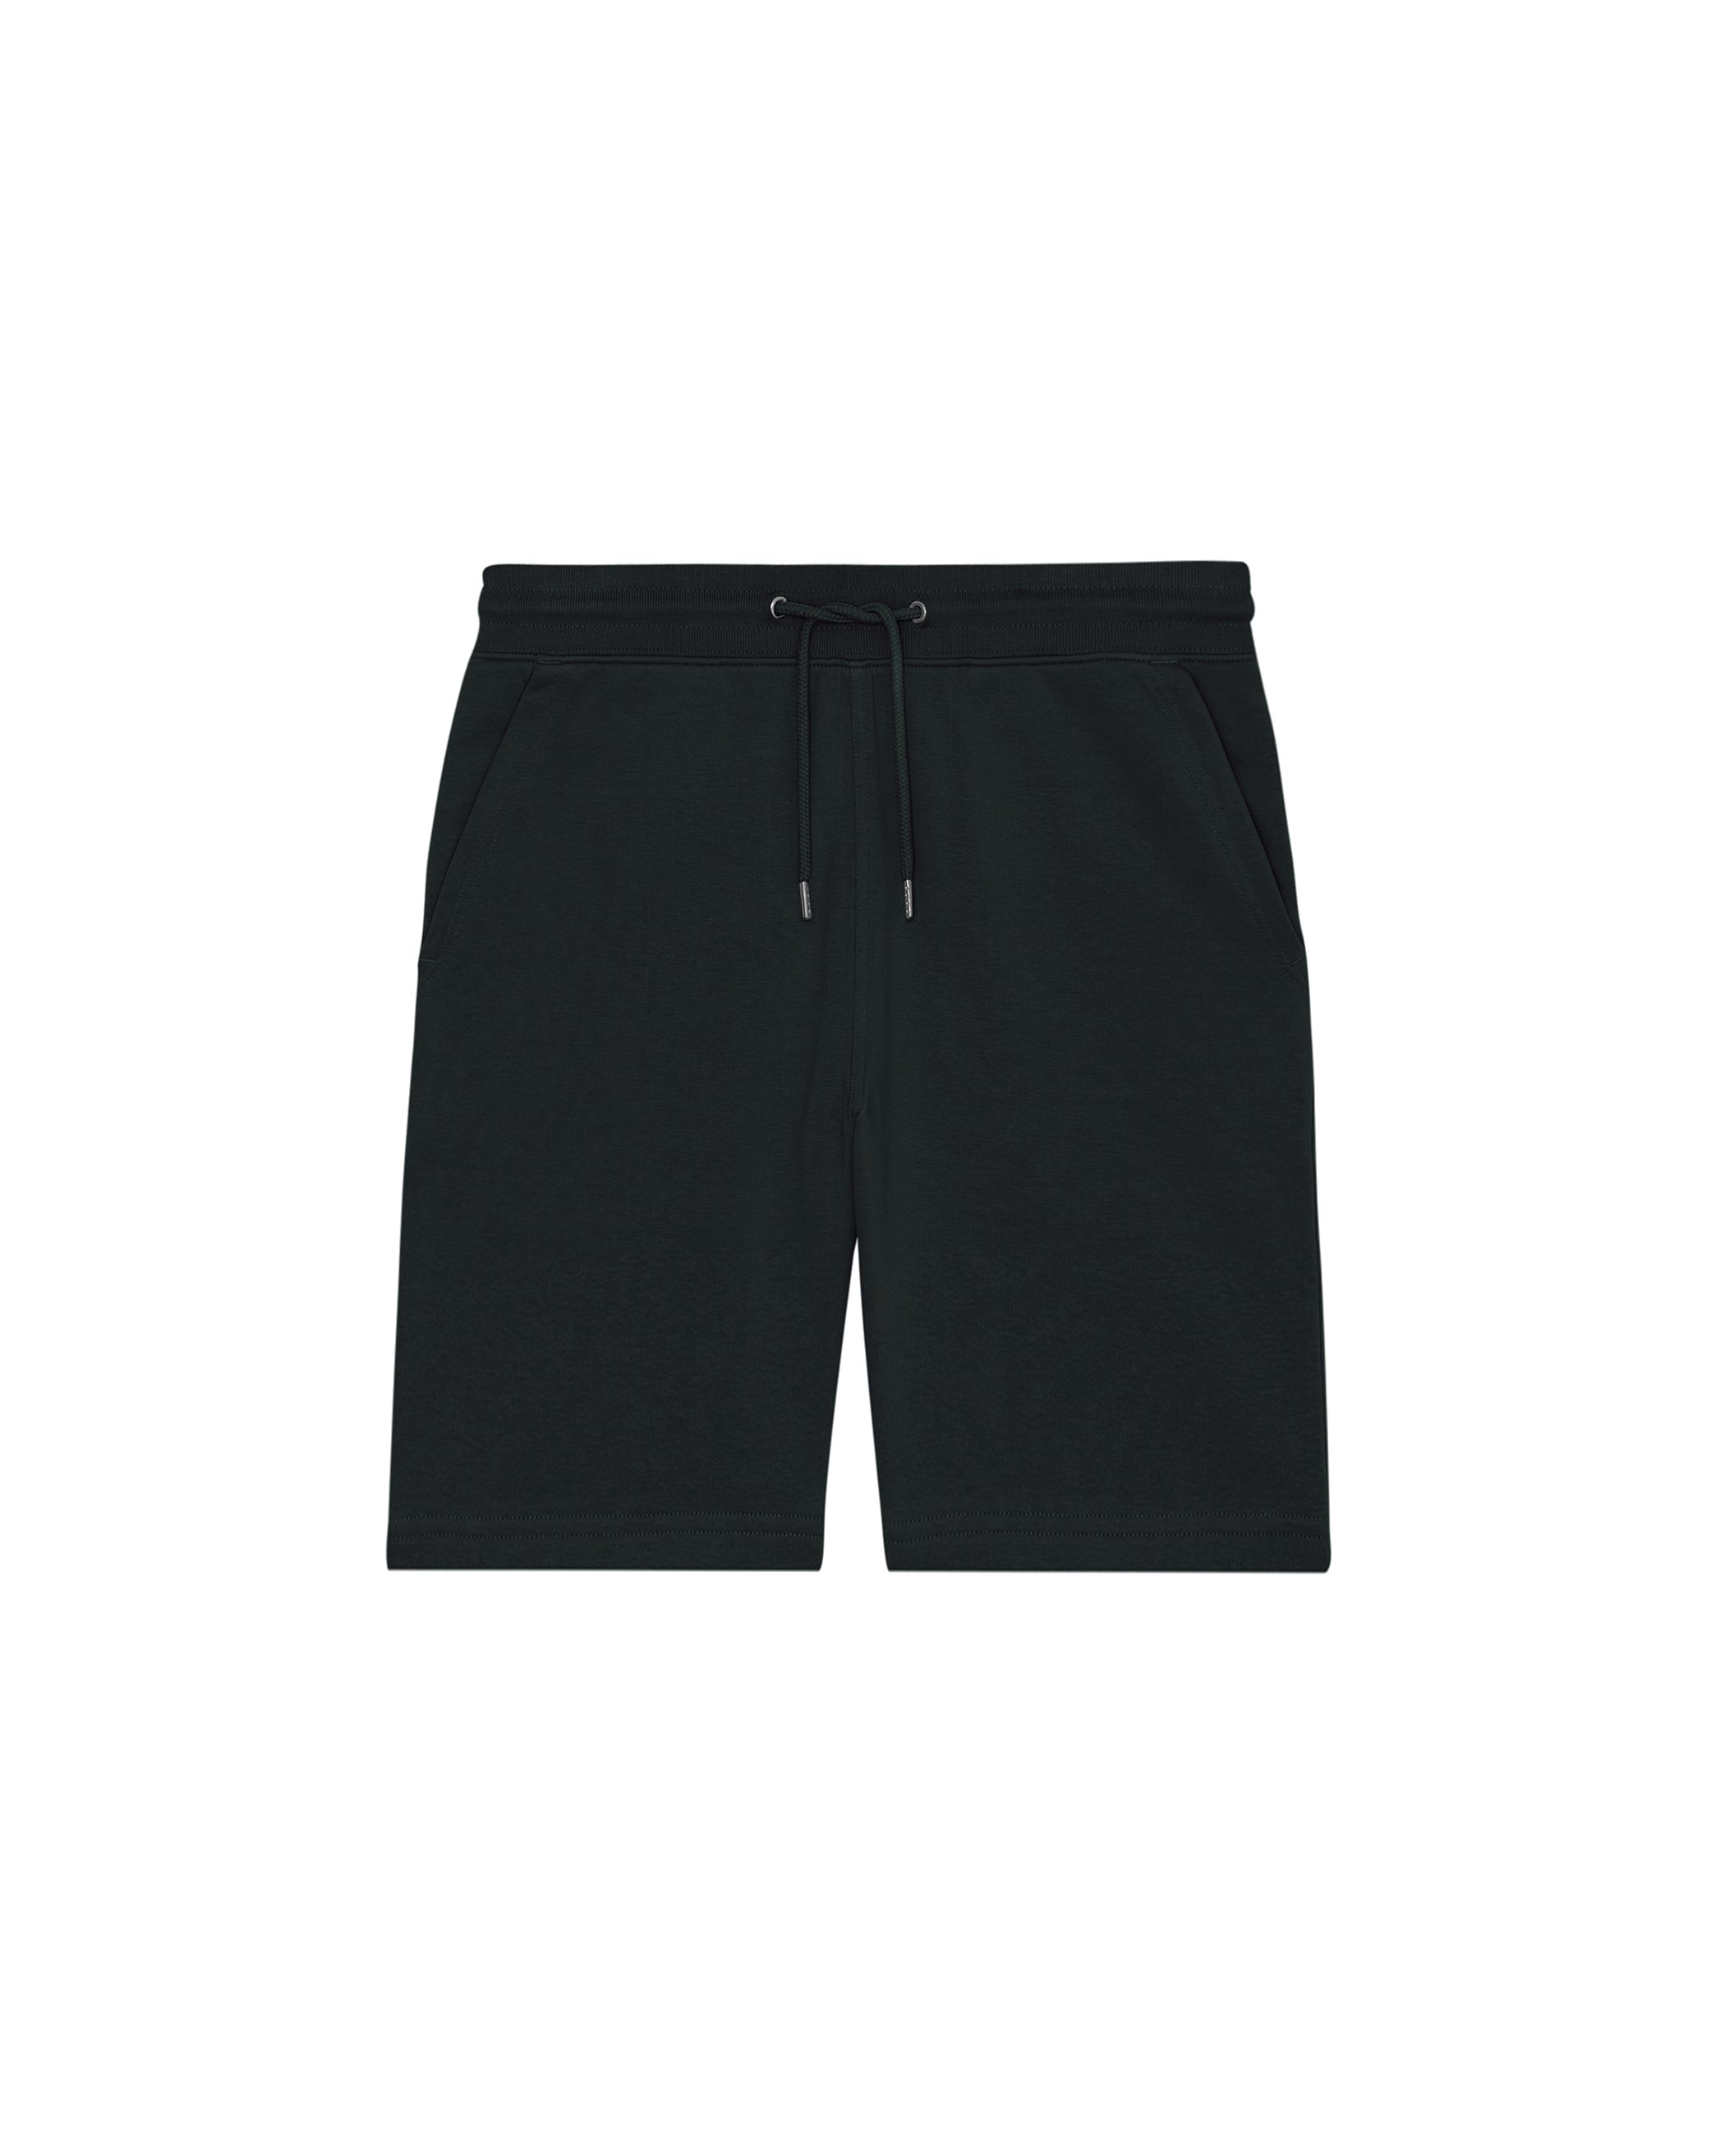 Savi Track Shorts Black